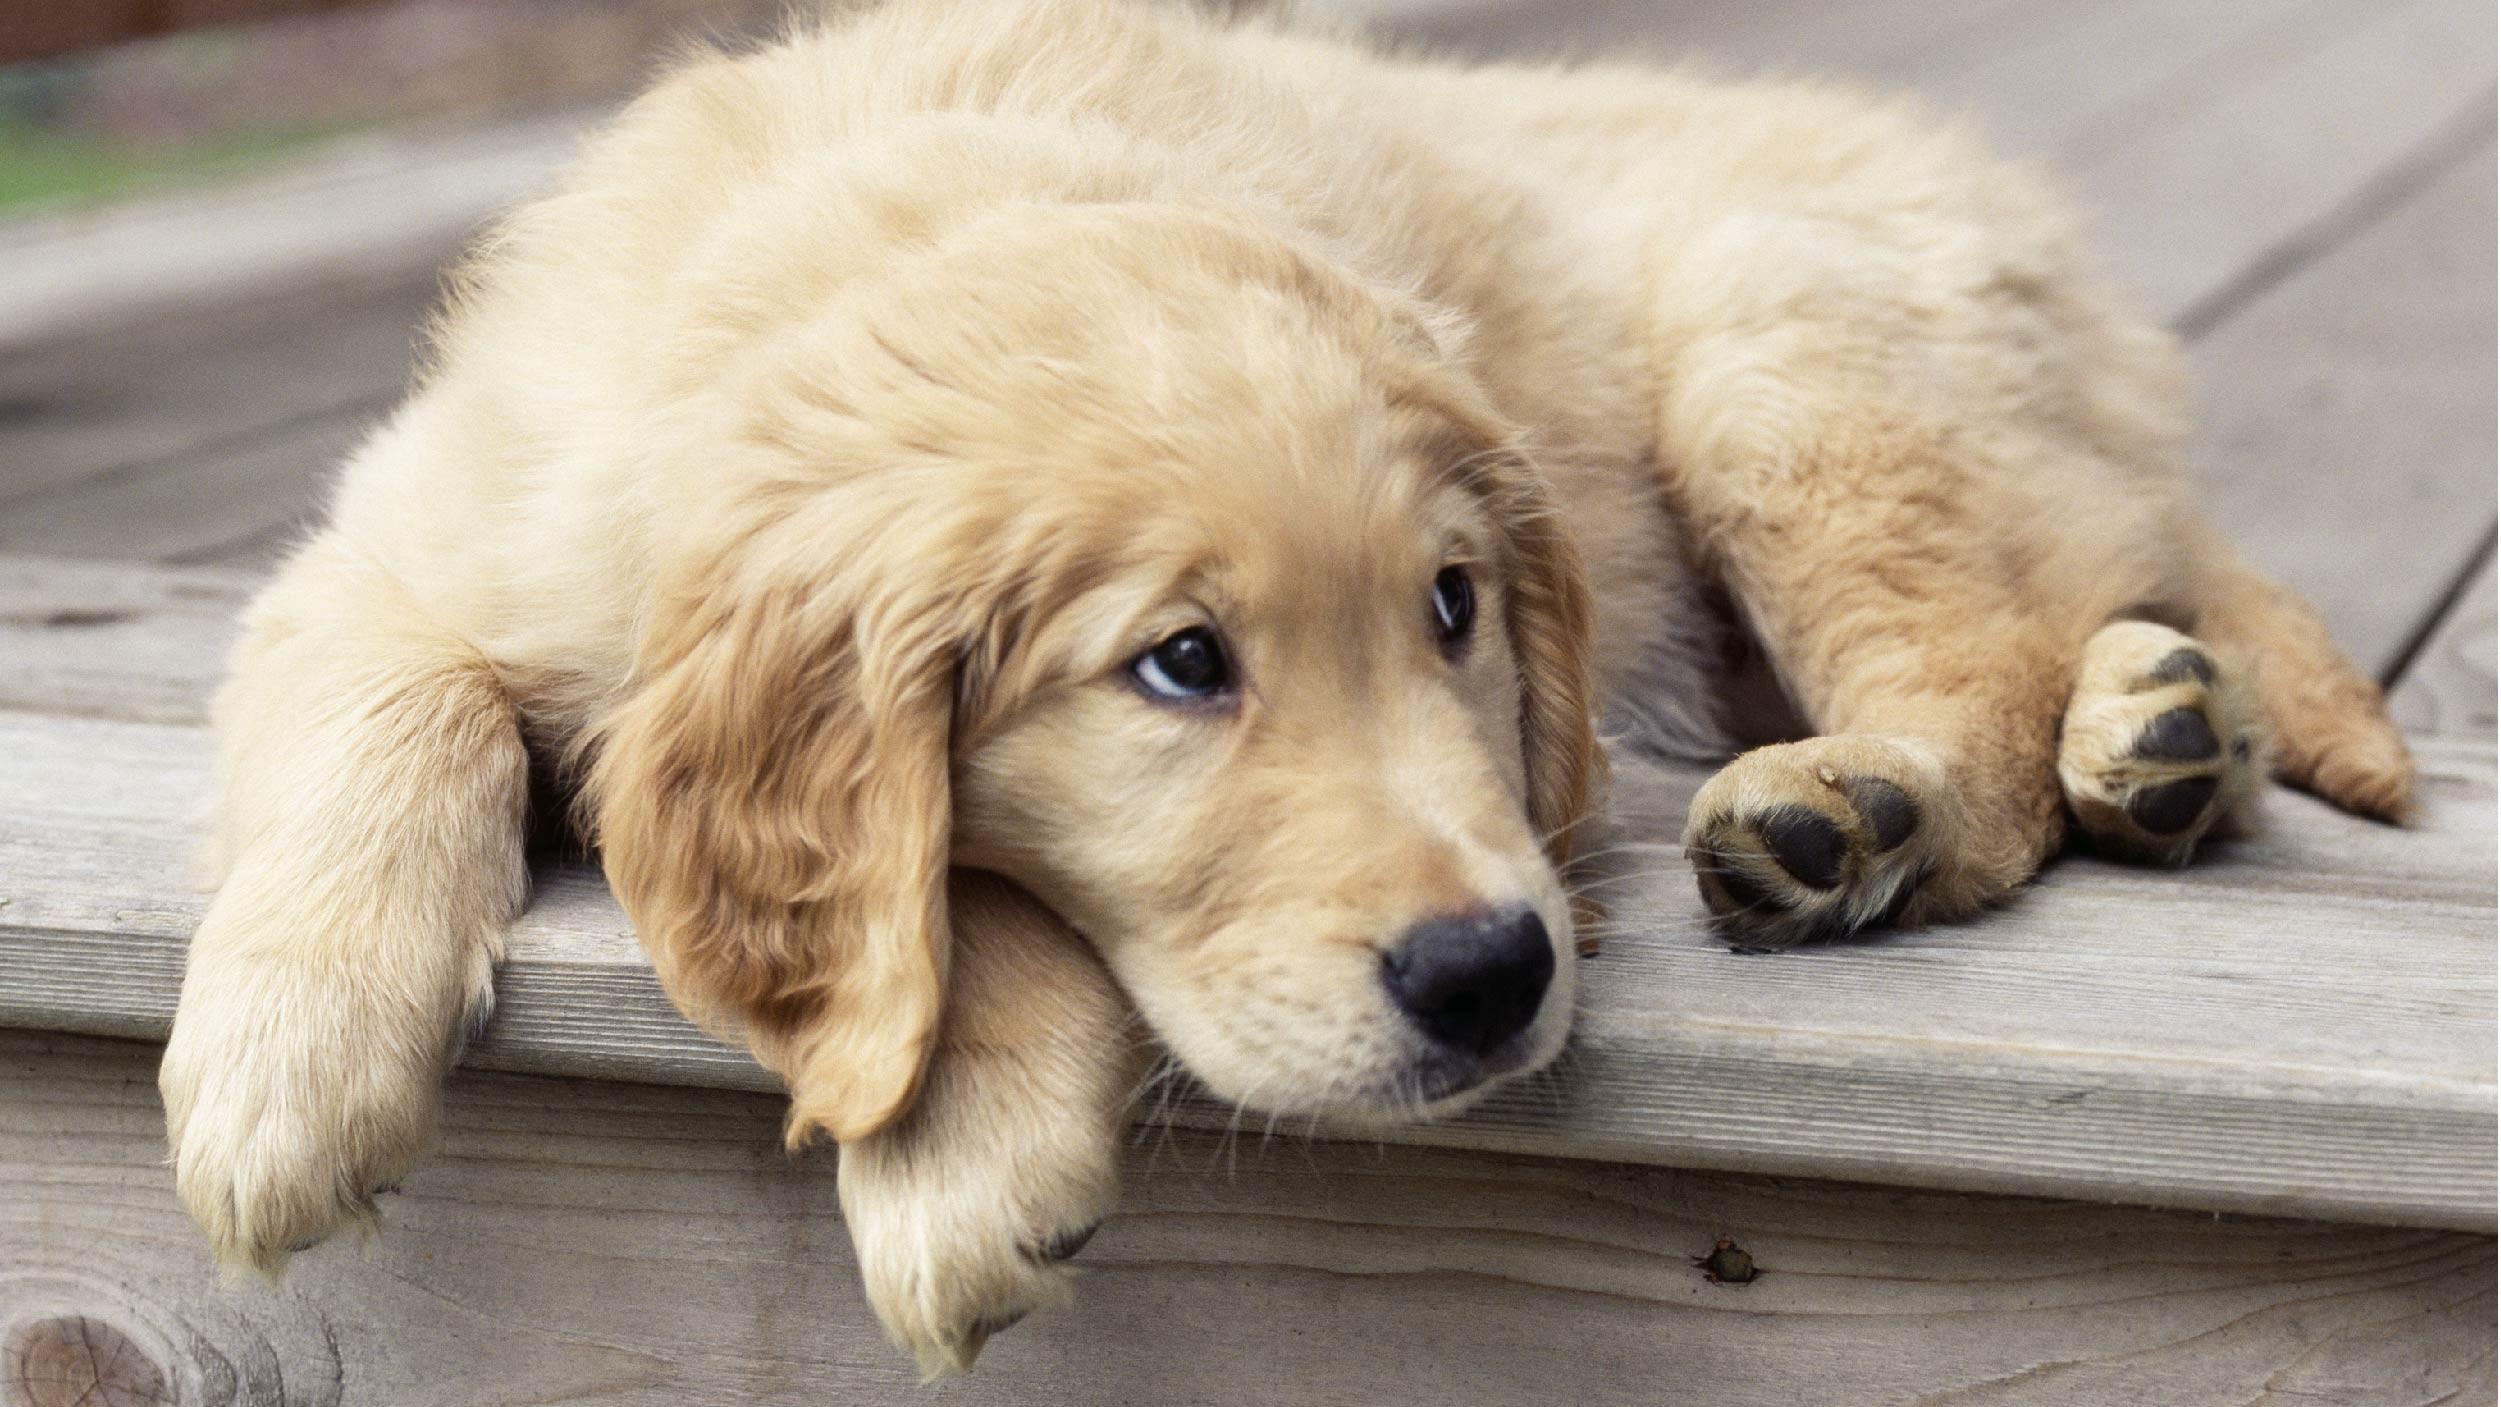 Dog not stimulated